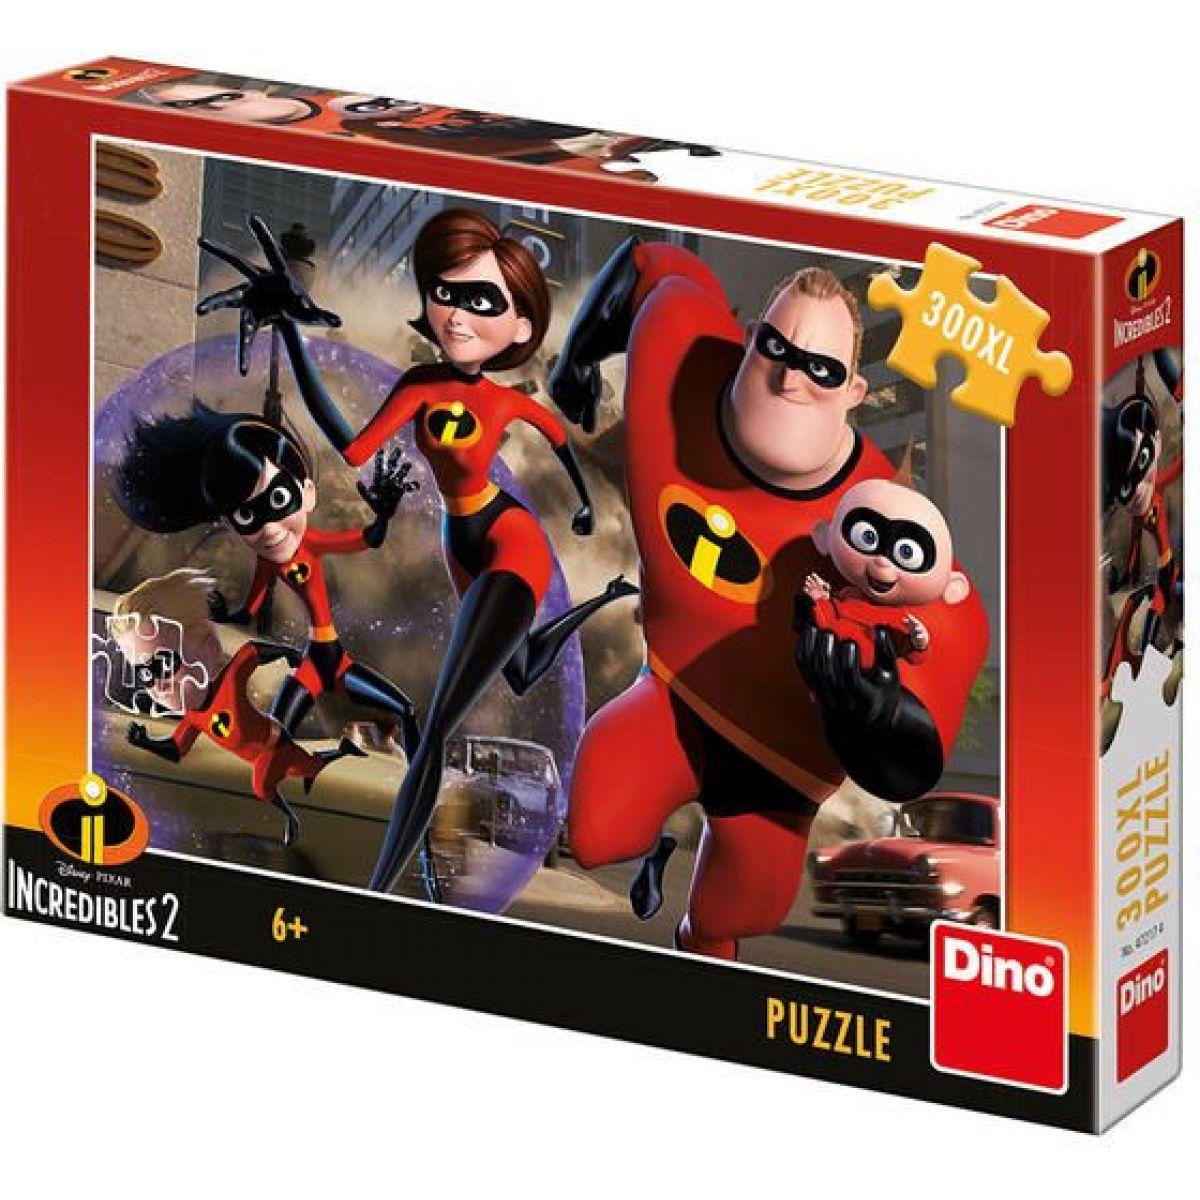 Dino Úžasňákovi 2 300 XL puzzle